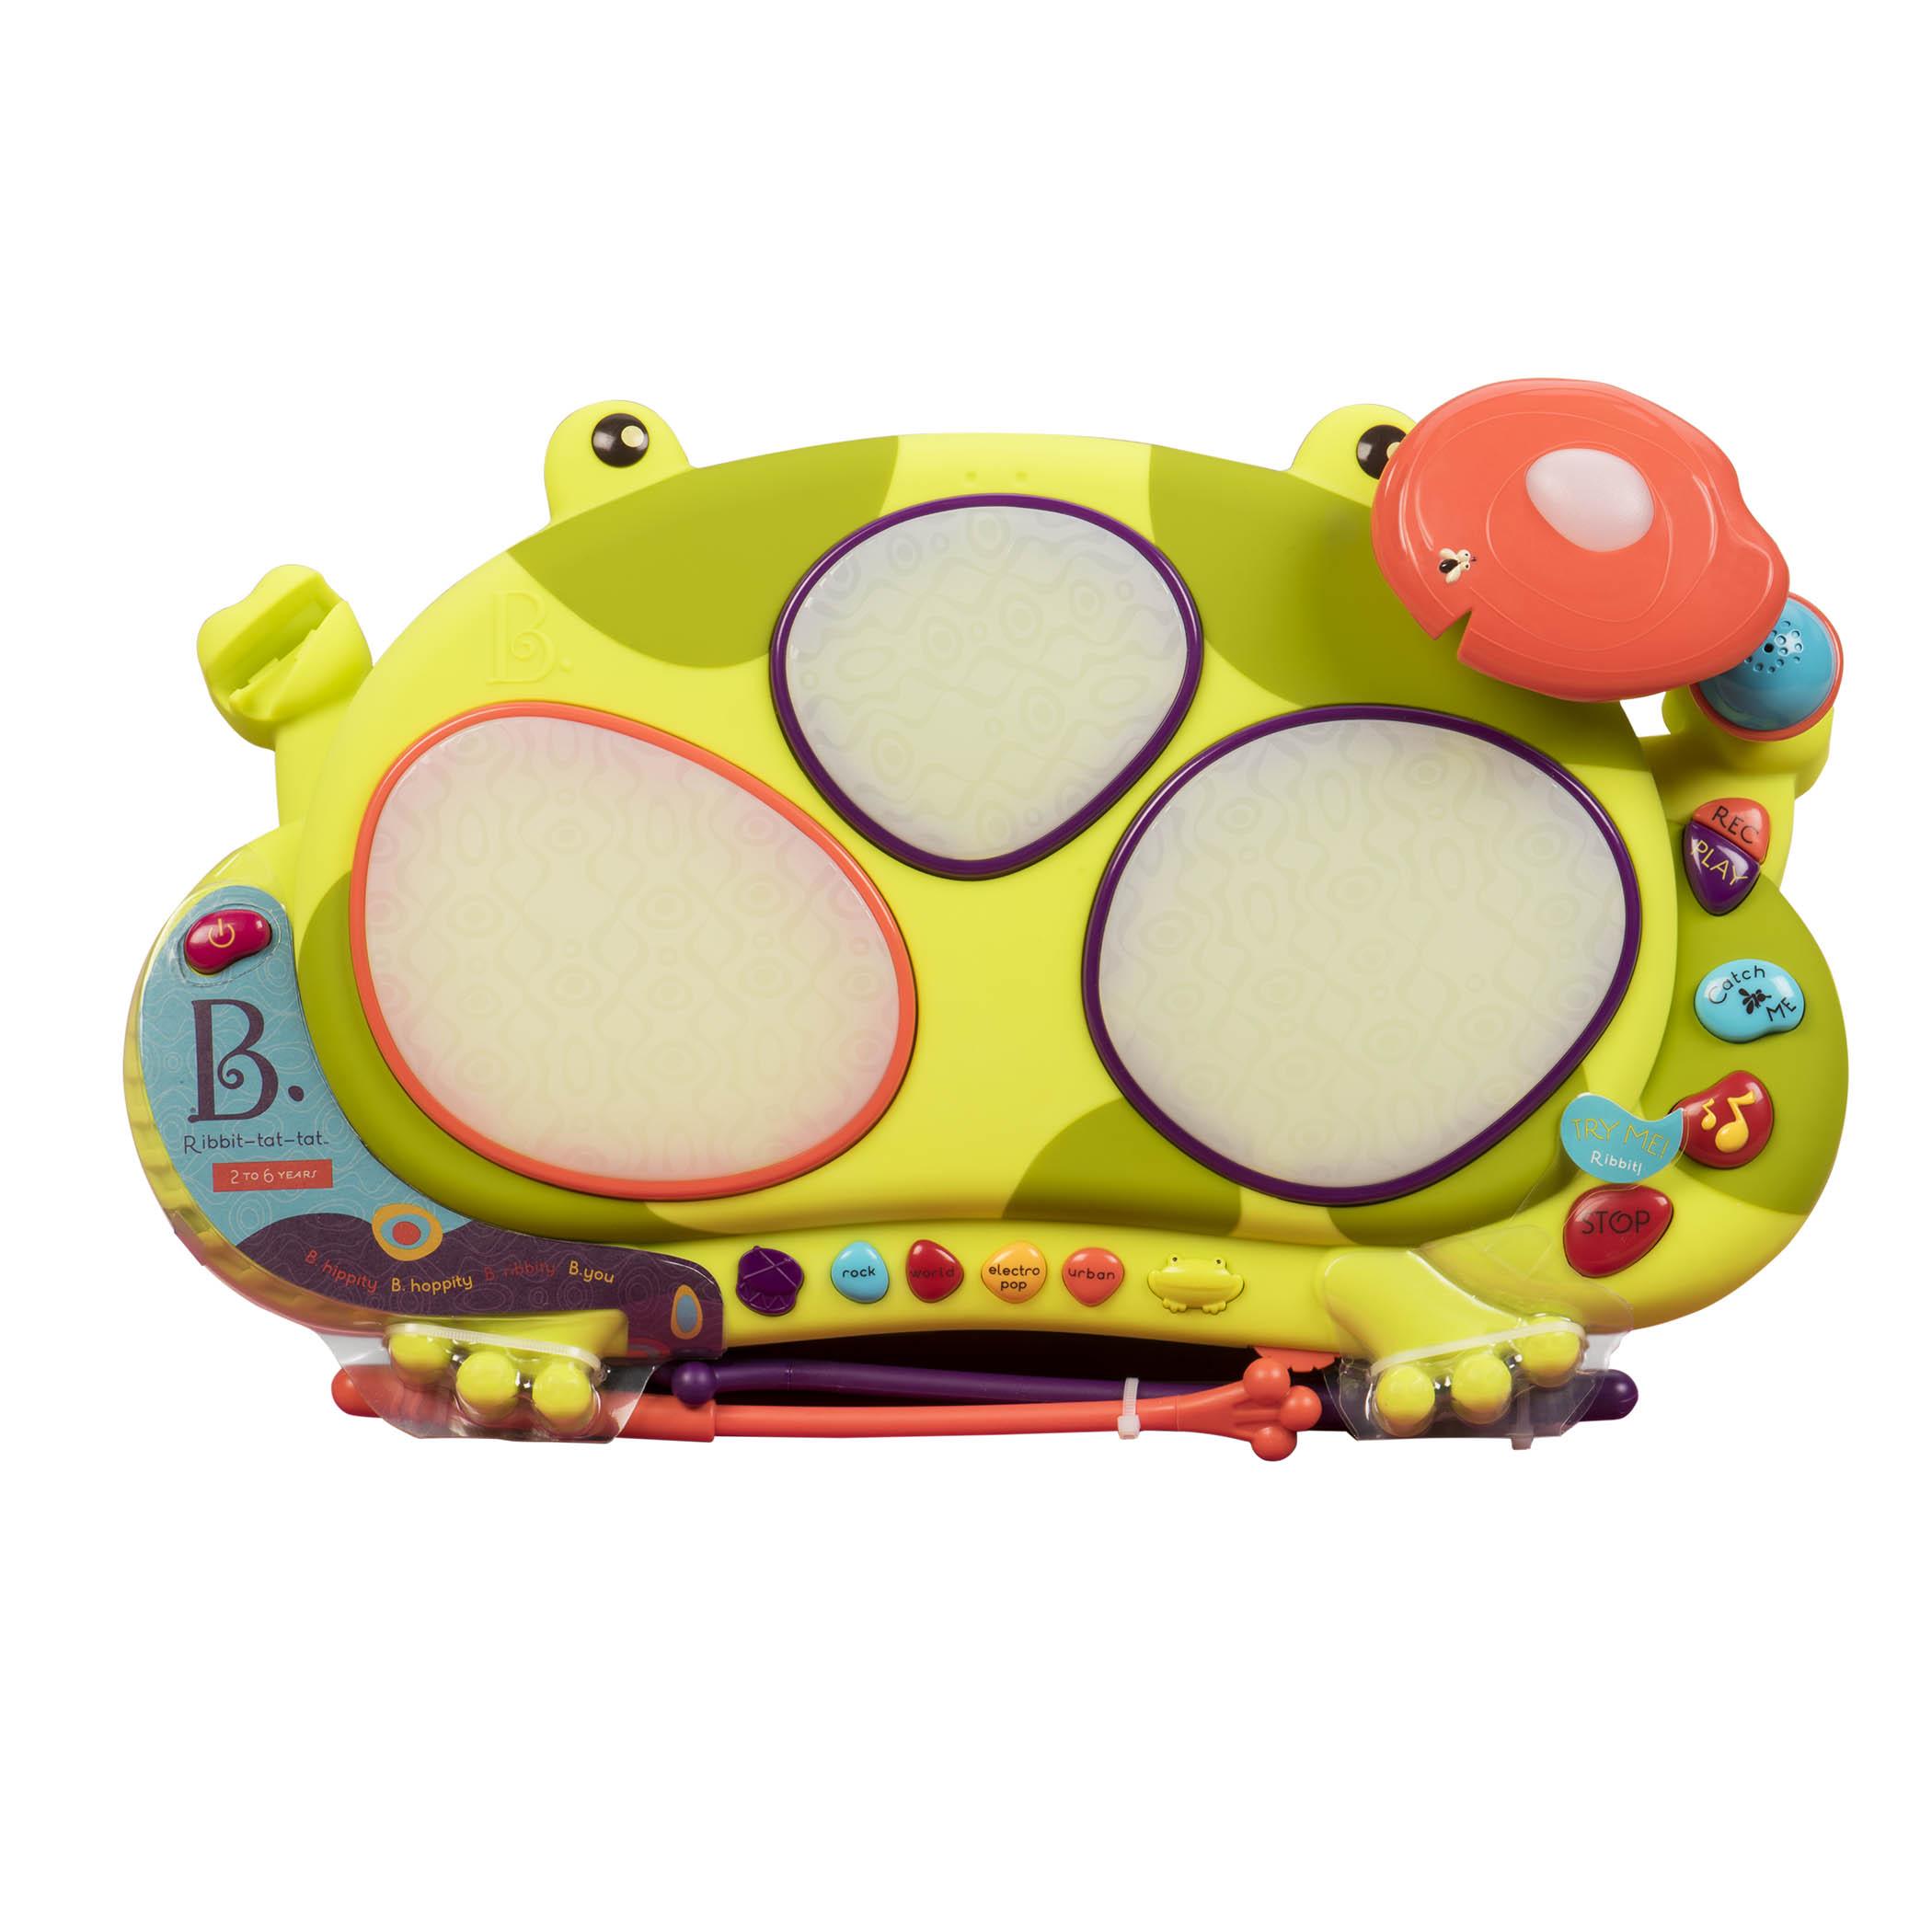 美国B.Toys青蛙鼓饶舌蛙电子鼓比乐音乐鼓打击乐器宝宝益智玩具